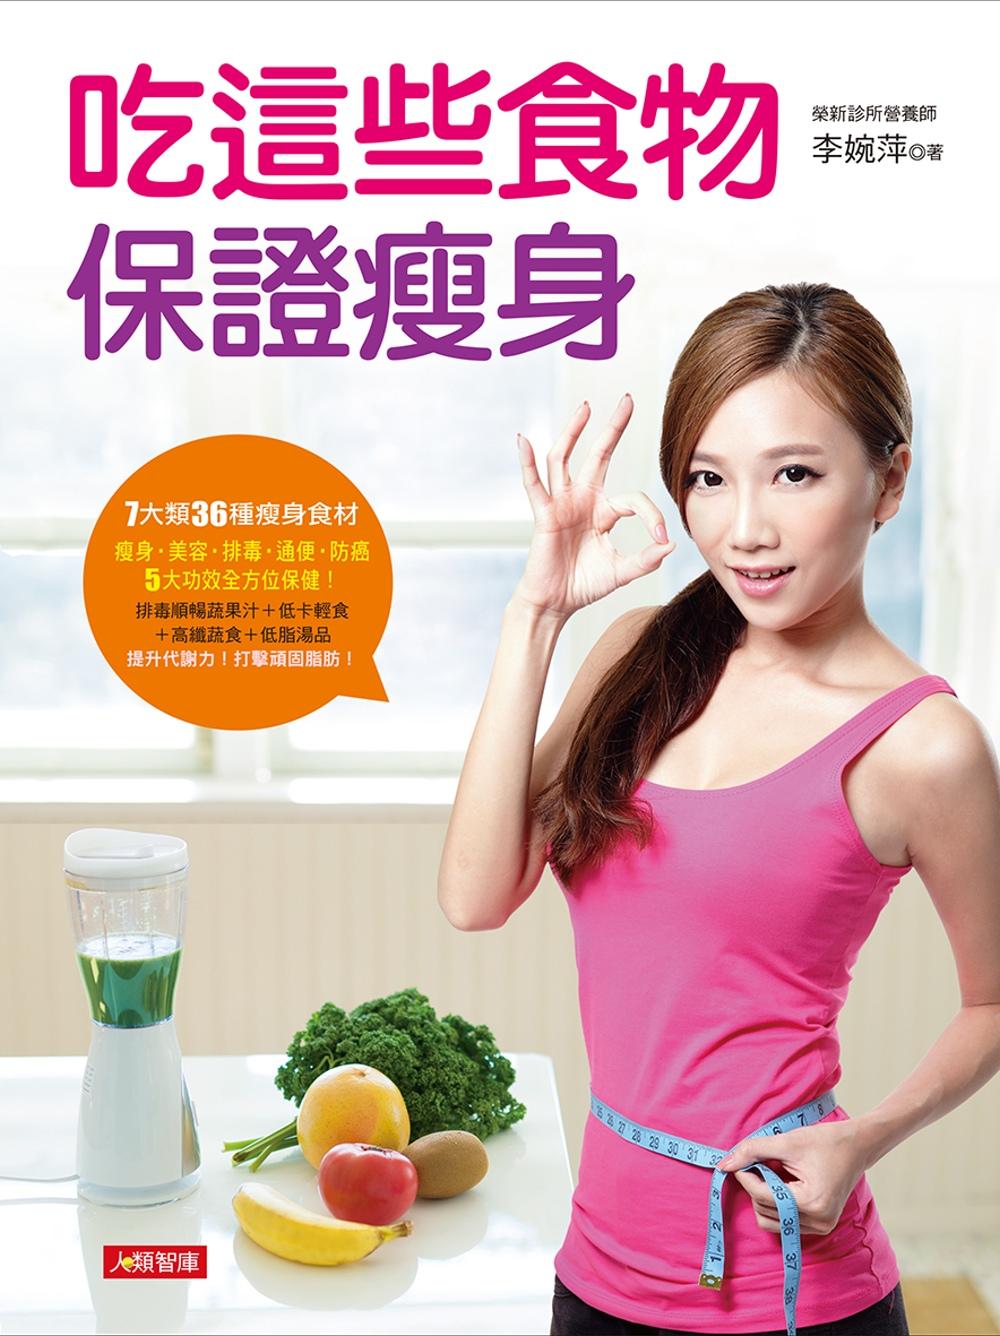 吃這些食物保證瘦身:7大類36種瘦身食材,瘦身‧美容‧排毒‧通便‧防癌,5大功效全方位保健!